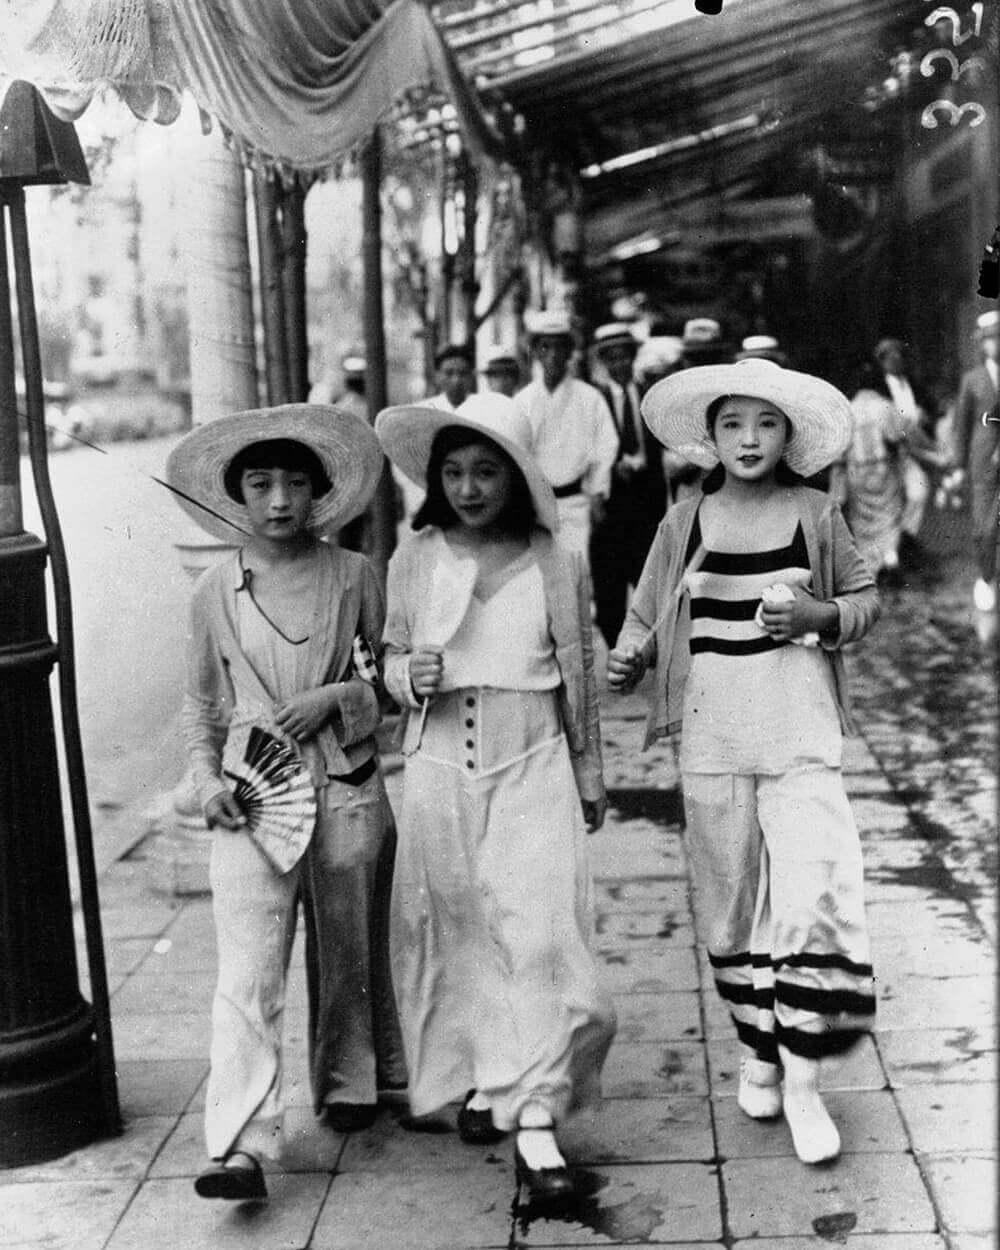 Japanese fashion after World War 2